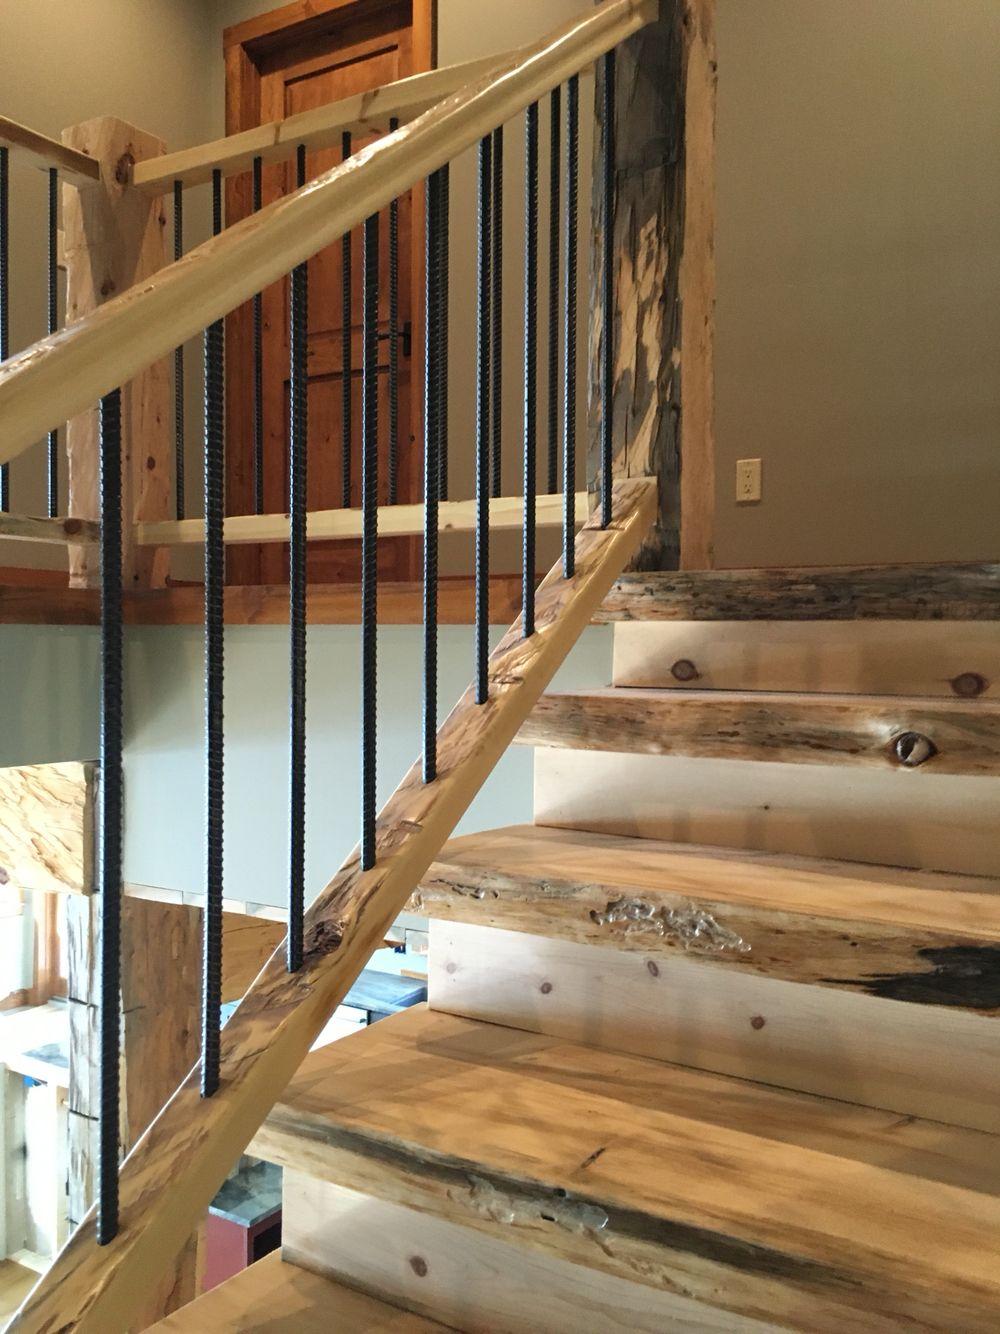 Stairwell Rustic Design 5 Balusters Stairs In 2019   Rustic Stair Railings Interior